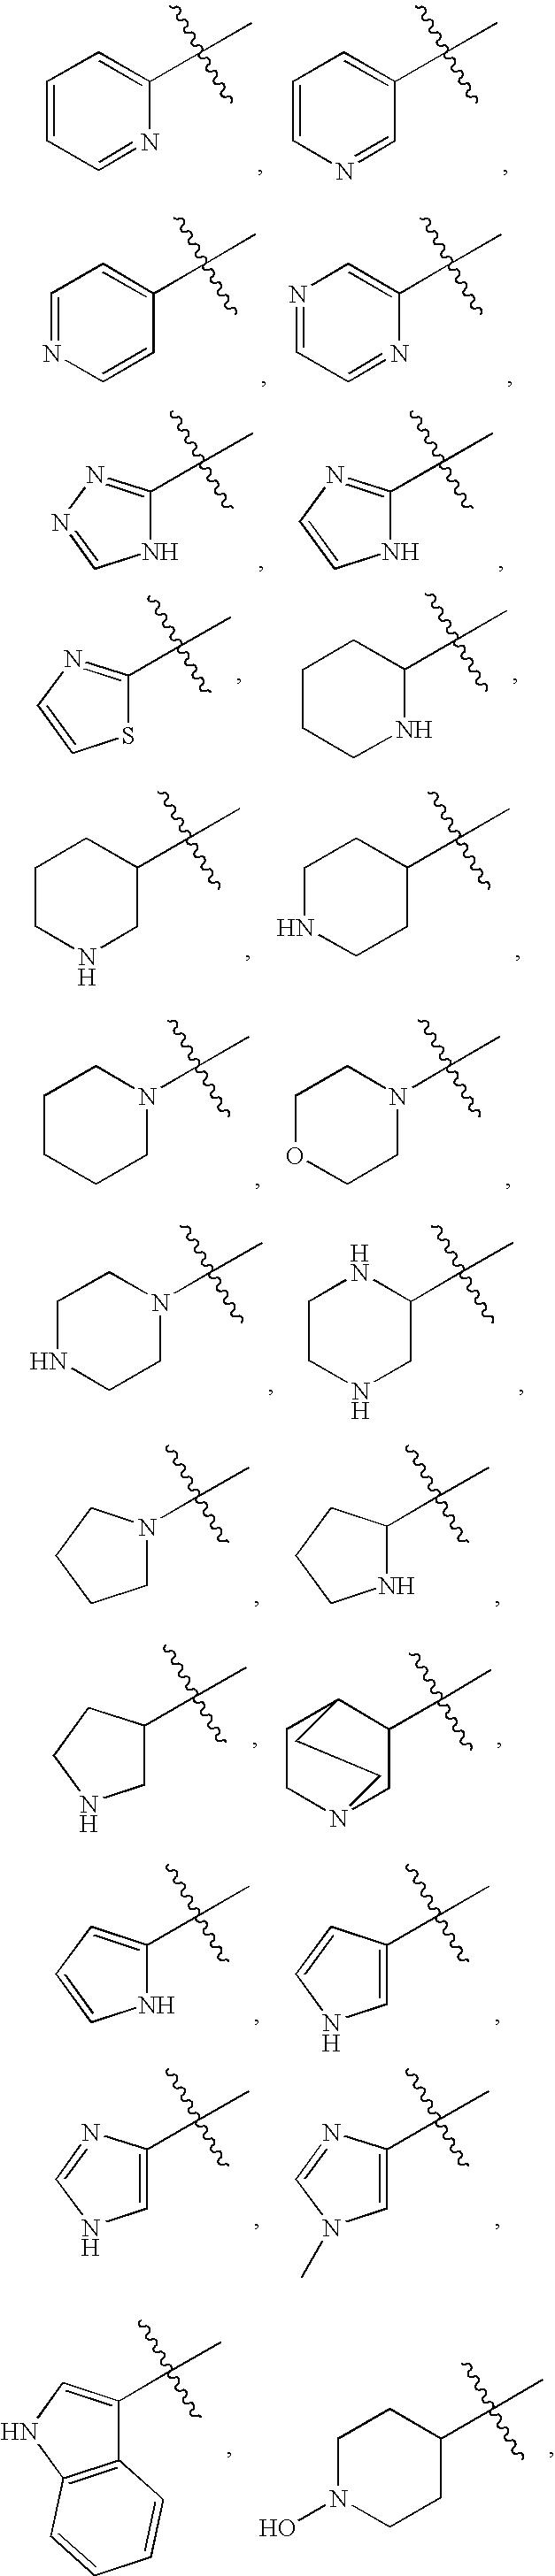 Figure US07368453-20080506-C00005